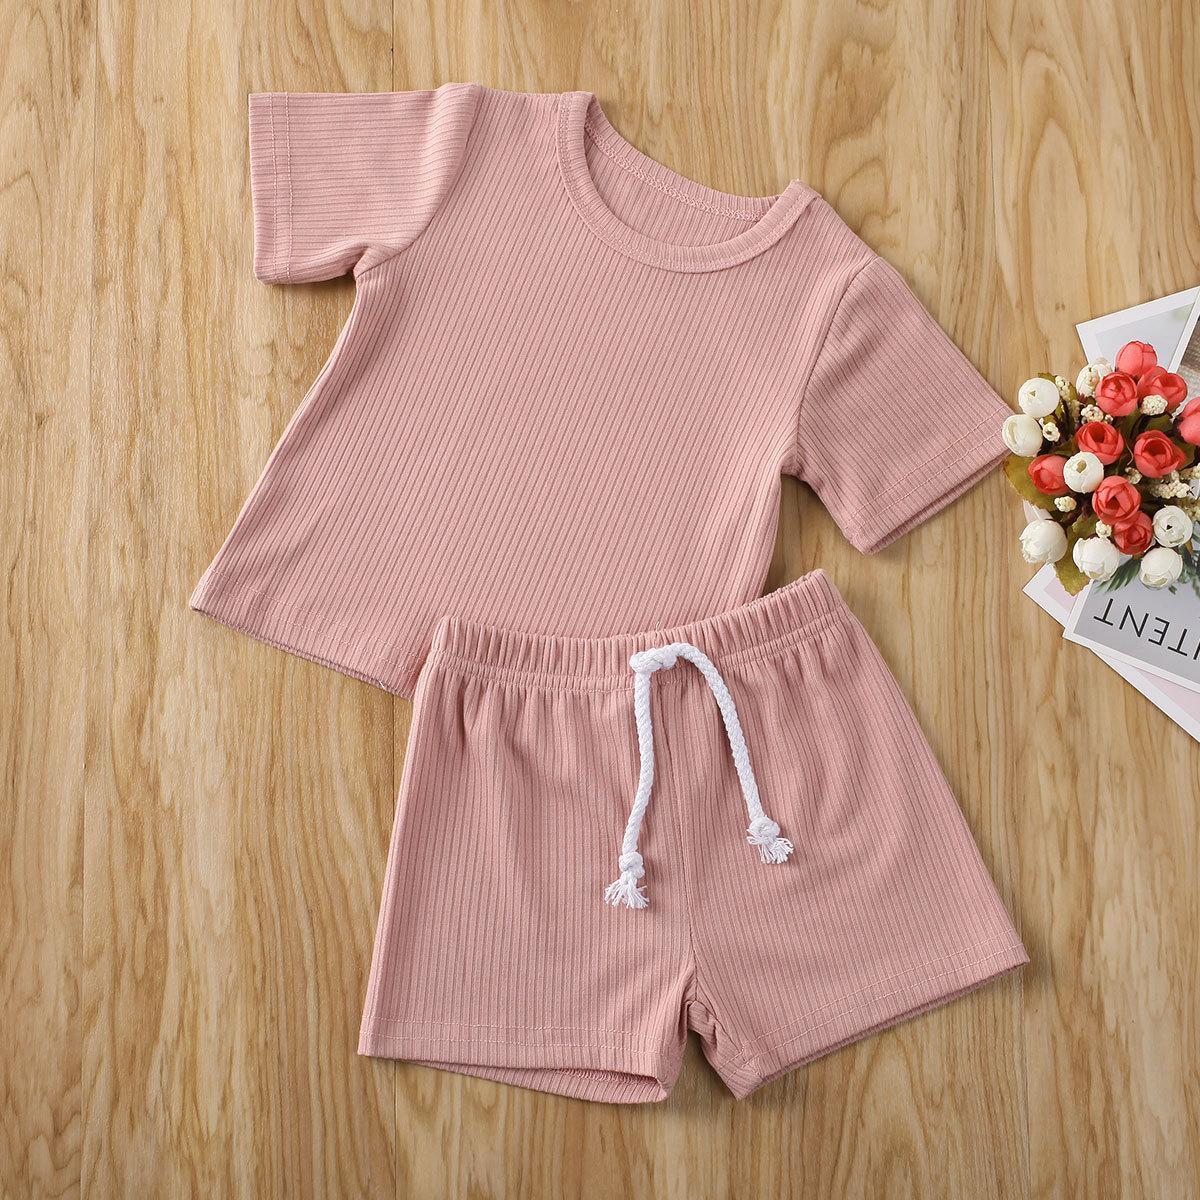 Baby Sommer Baumwolle Leinen Kleidung Sets Säuglings Baby Mädchen Feste Kleidung Set Kurzarm T-Shirt Tops Shorts Bottoms 2 stücke Outfits